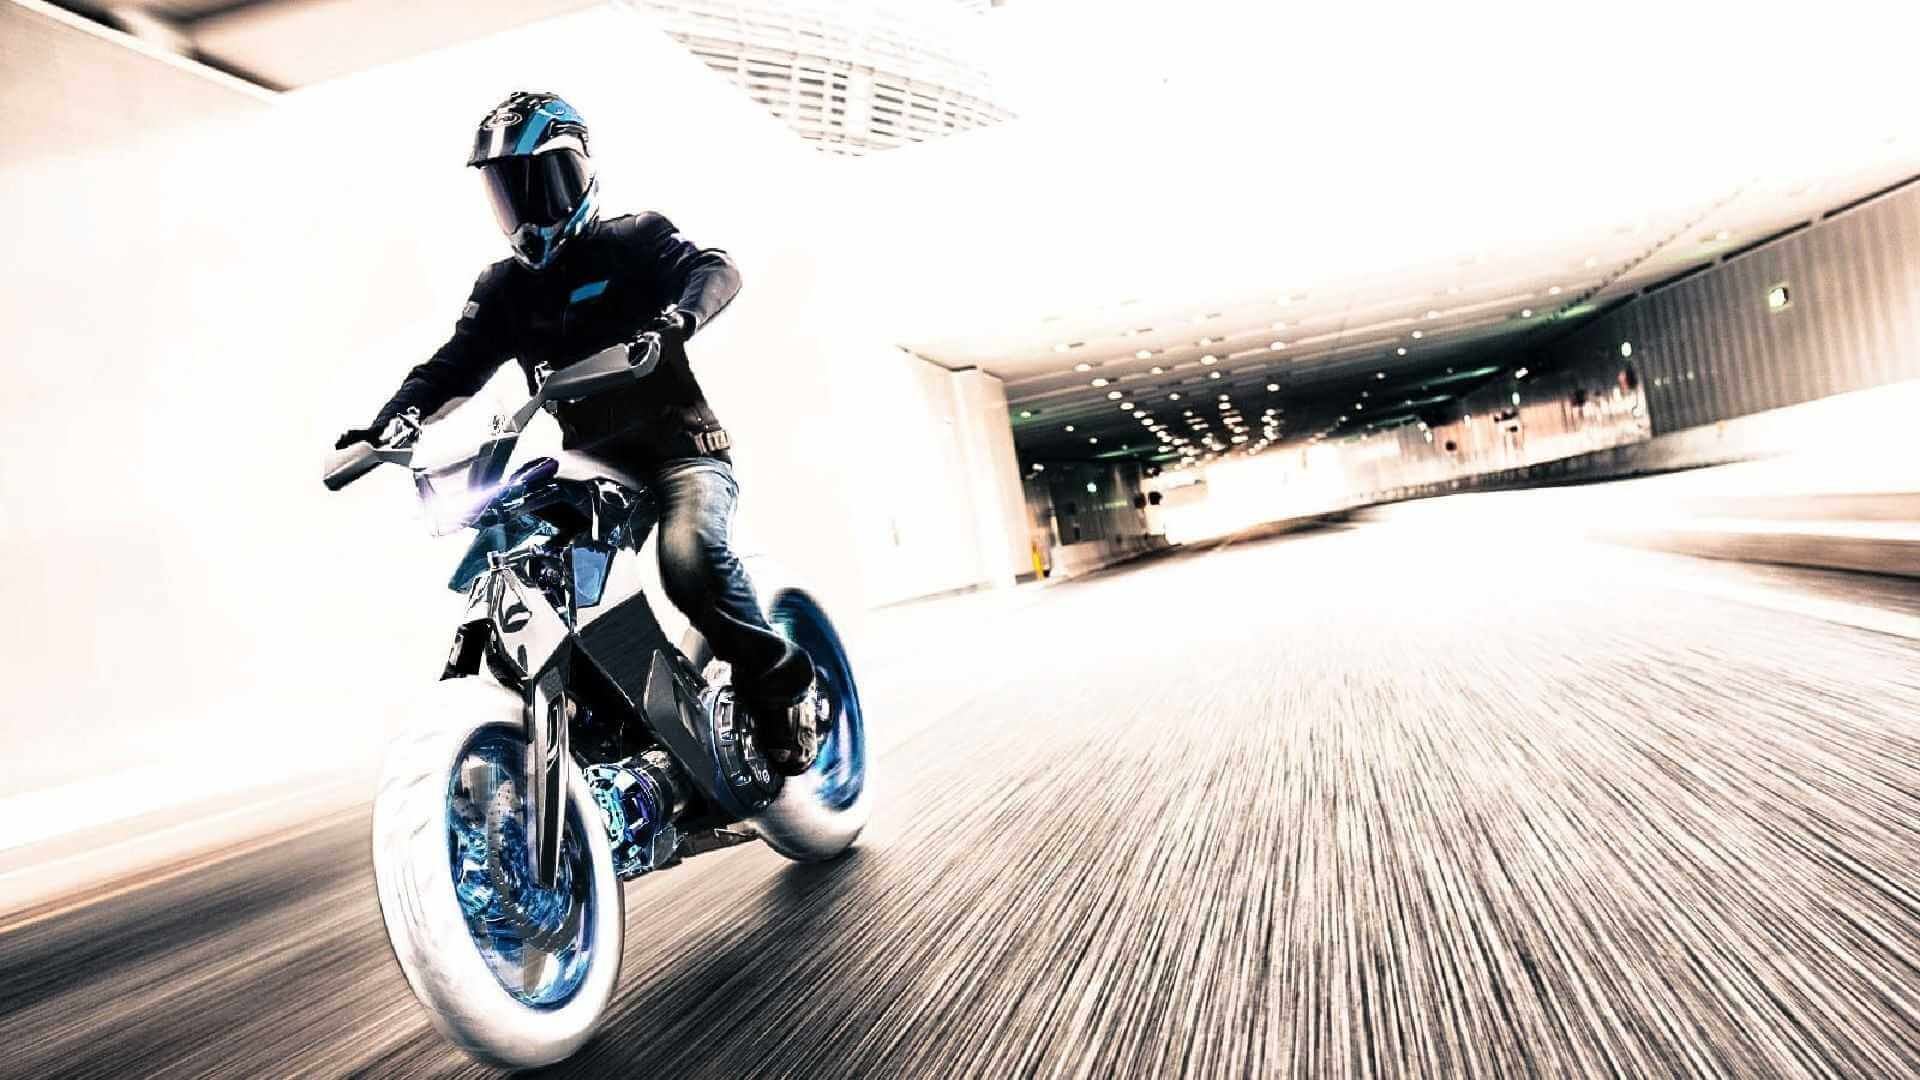 Yamaha XT500 H2O: мотоцикл будущего работающий наводе